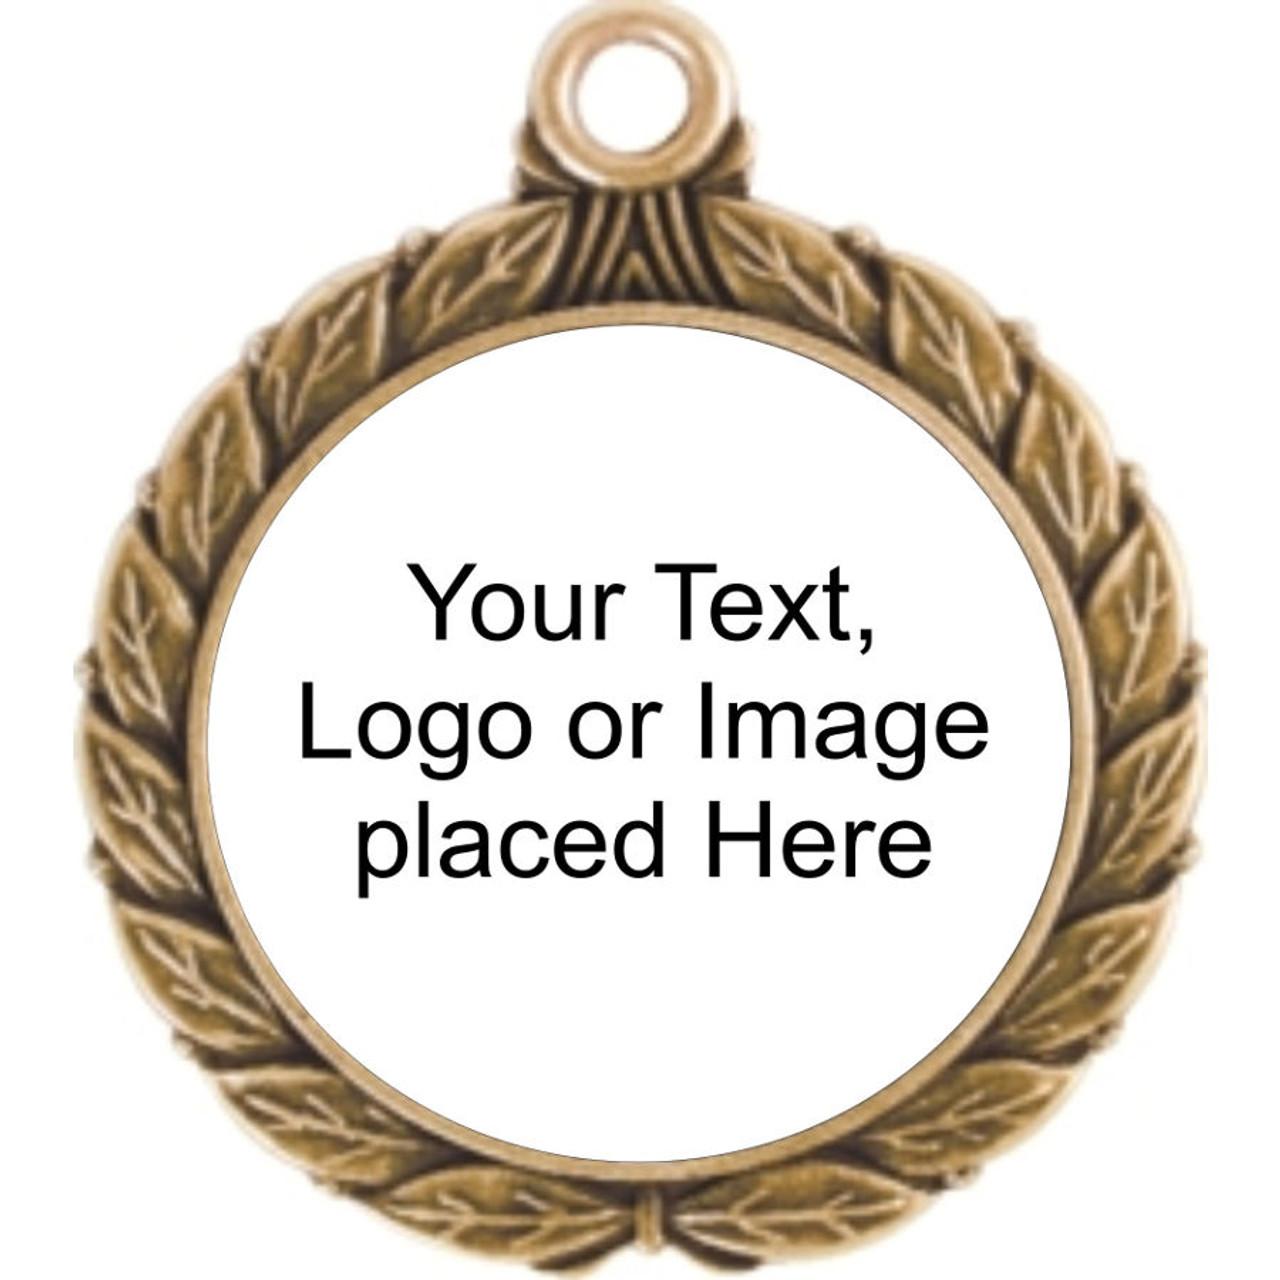 Wreath S3 Custom Medal Holder